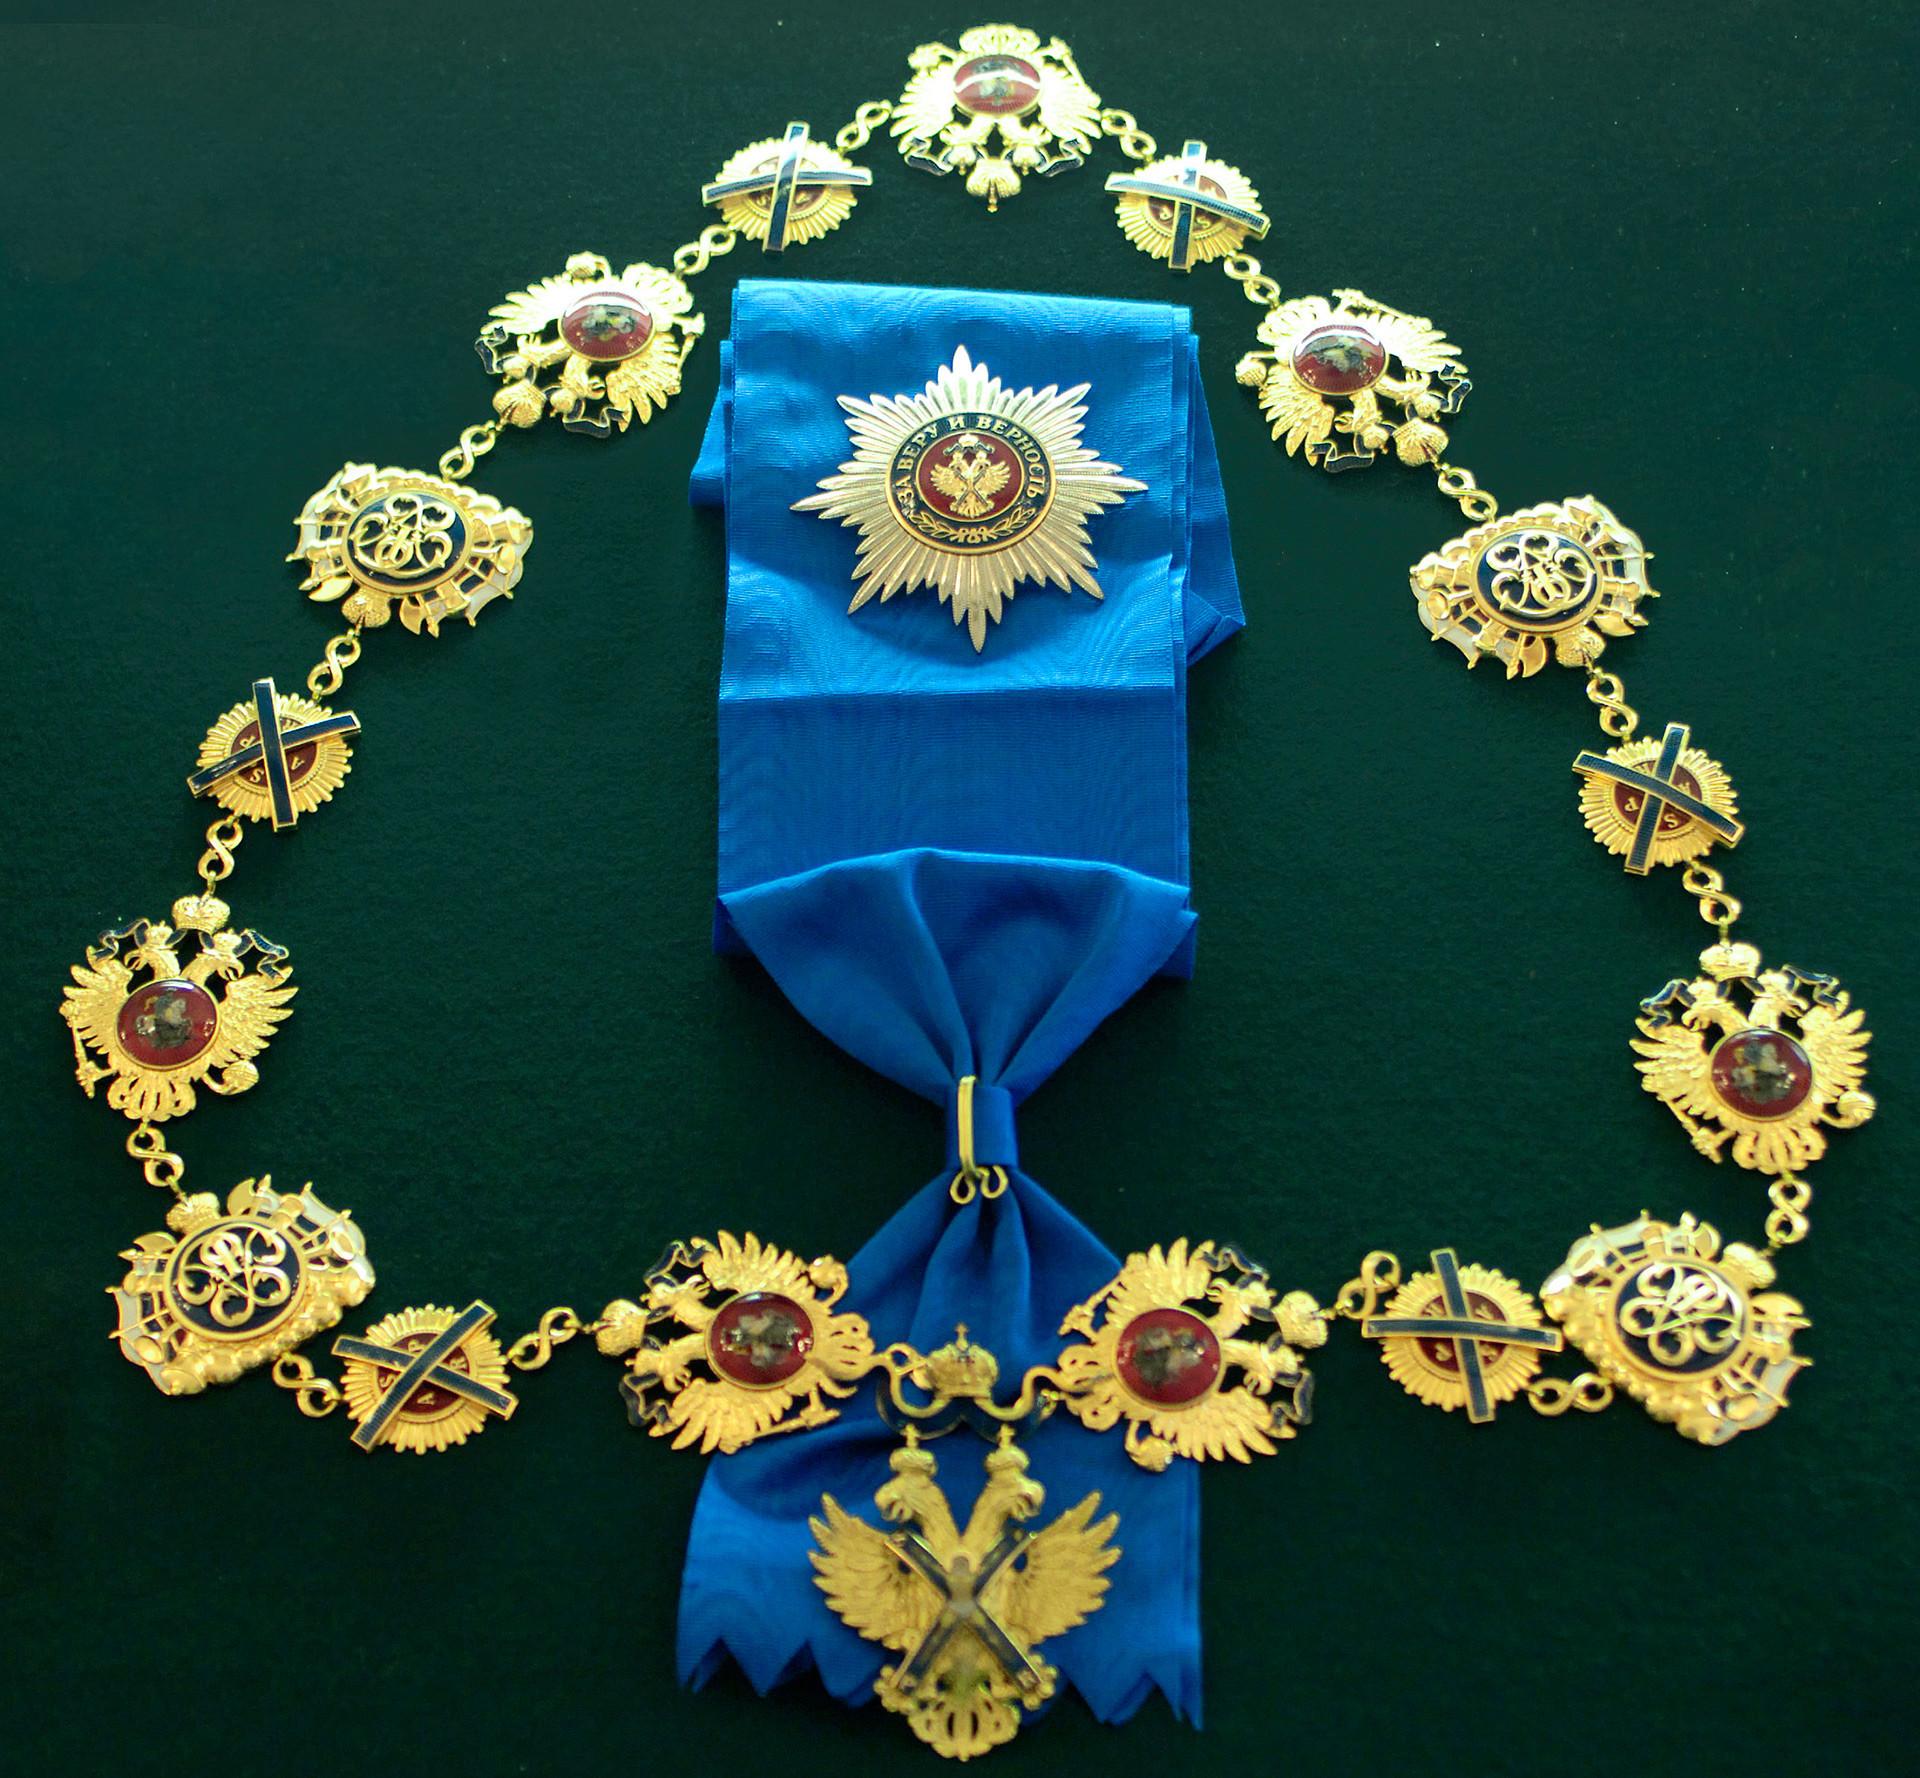 Орден светог апостола Андреја Првозваног, највиша државна награда у Русији.